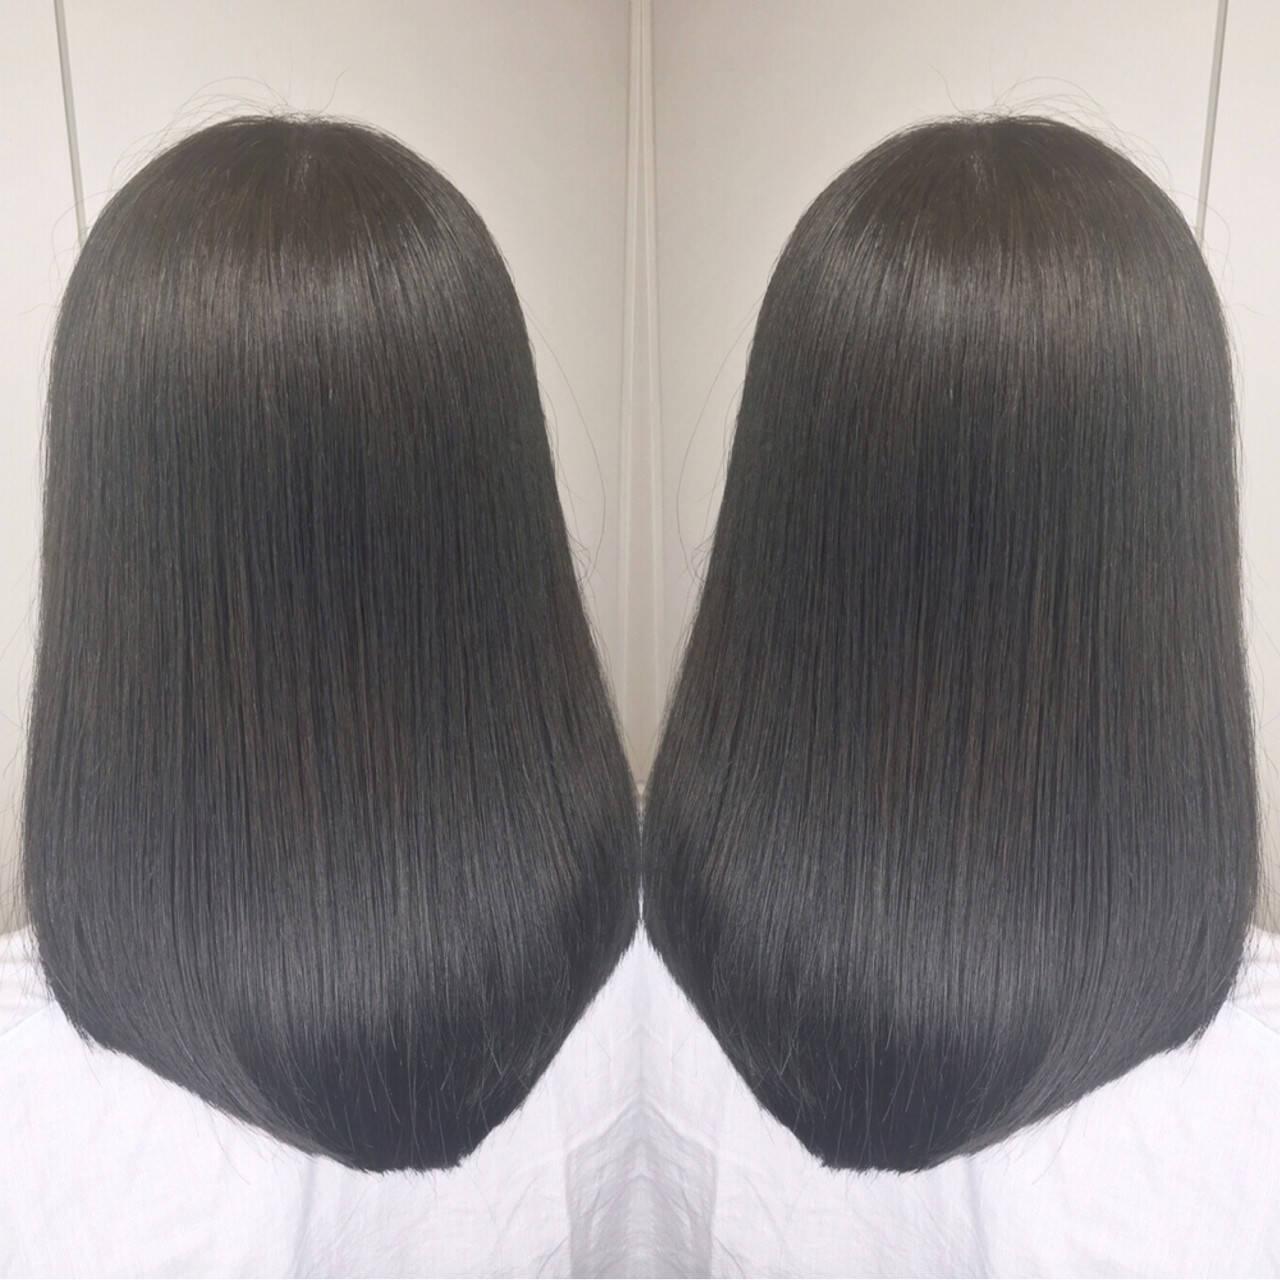 ナチュラル アウトドア ミディアム 透明感ヘアスタイルや髪型の写真・画像